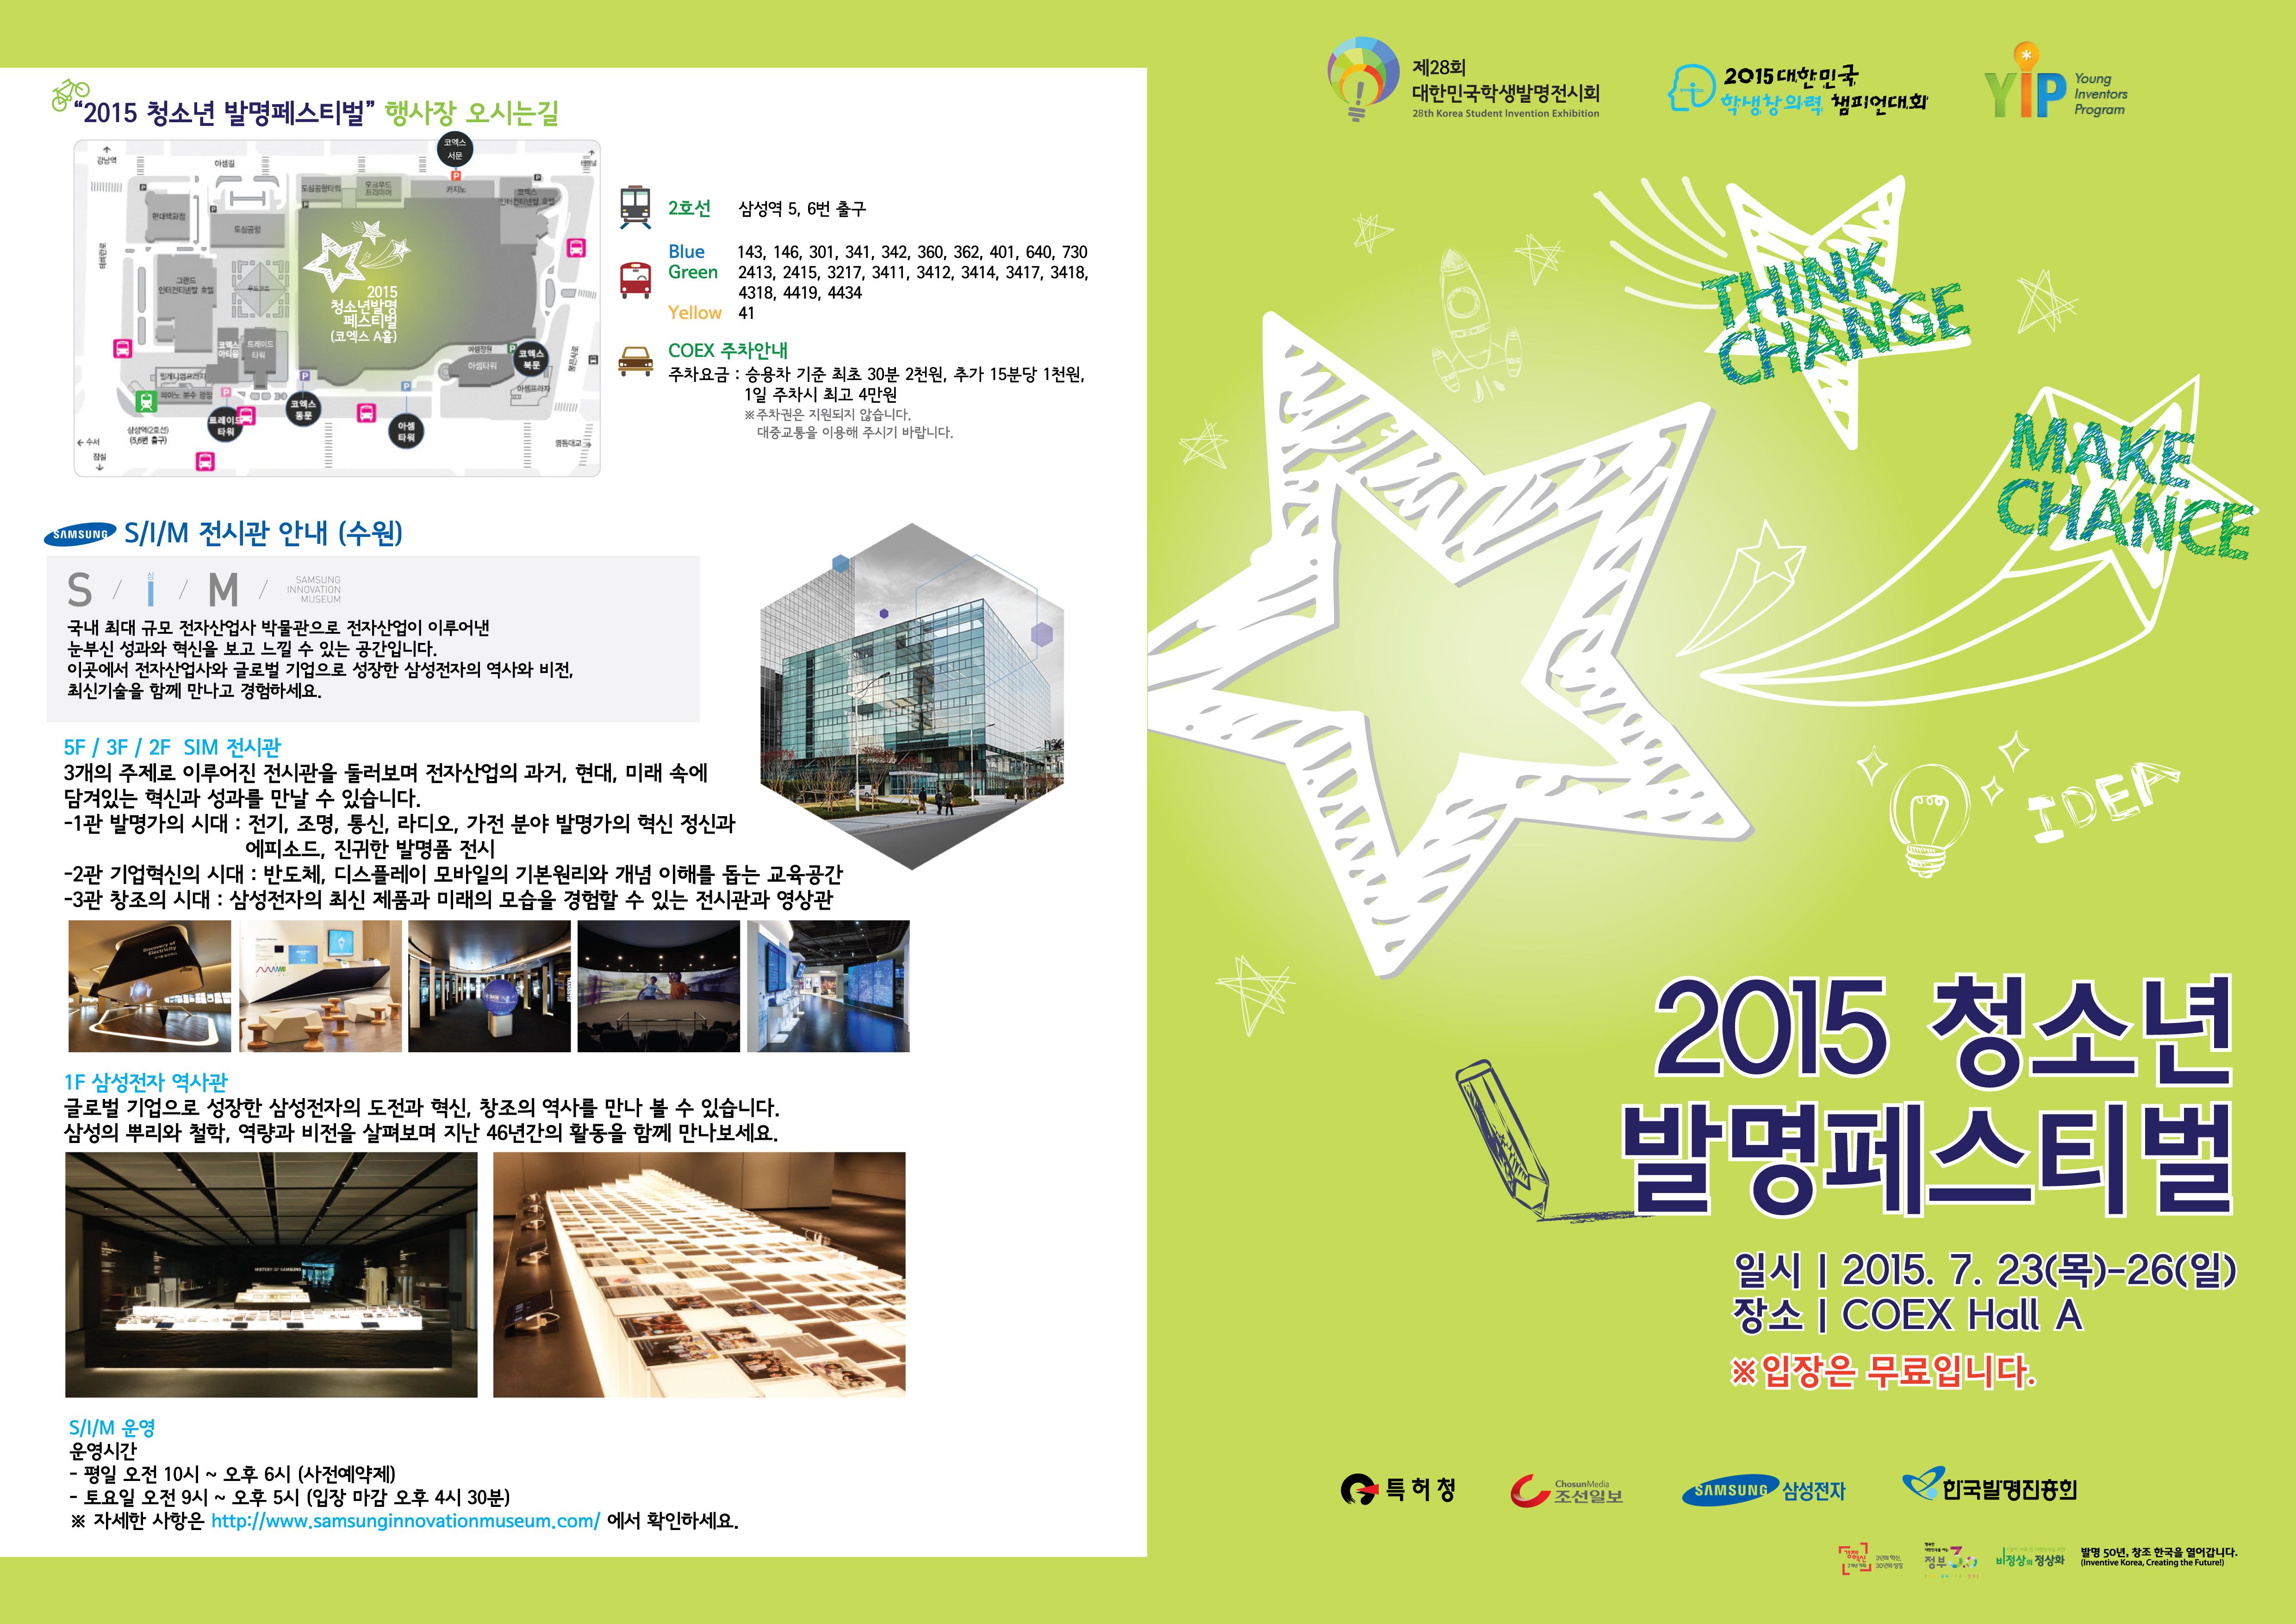 2015_청소년발명페스티벌_리플렛_1.jpg : '2015 청소년 발명페스티벌' 코엑스에서 7월 23일(목)~7월 26일(일) 개최!!